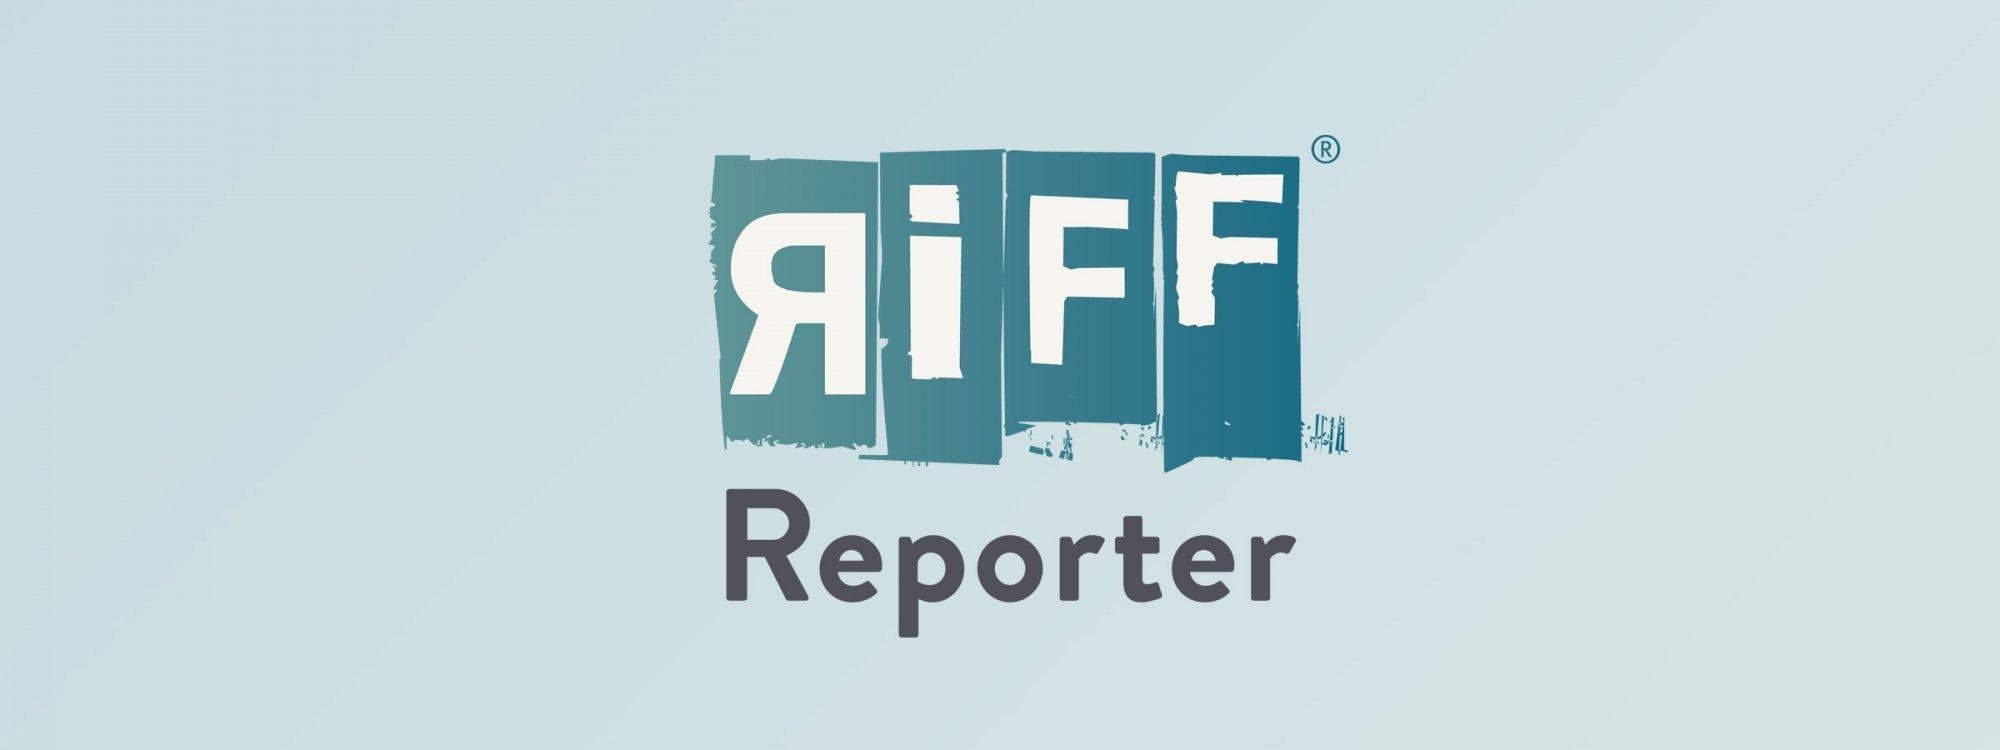 50Annalenas im Warhol Stil zur Bundestagswahl 2021